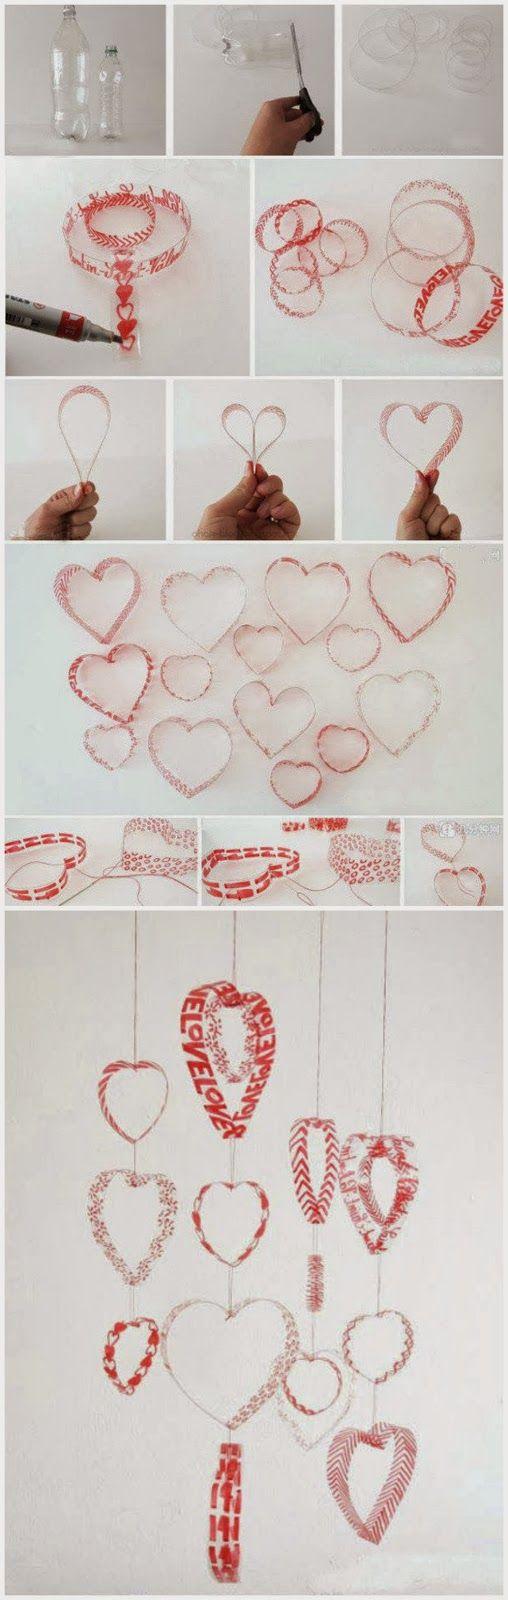 Costuretas Social Club: Tutorial : Reciclando plástico - móvil de corazones